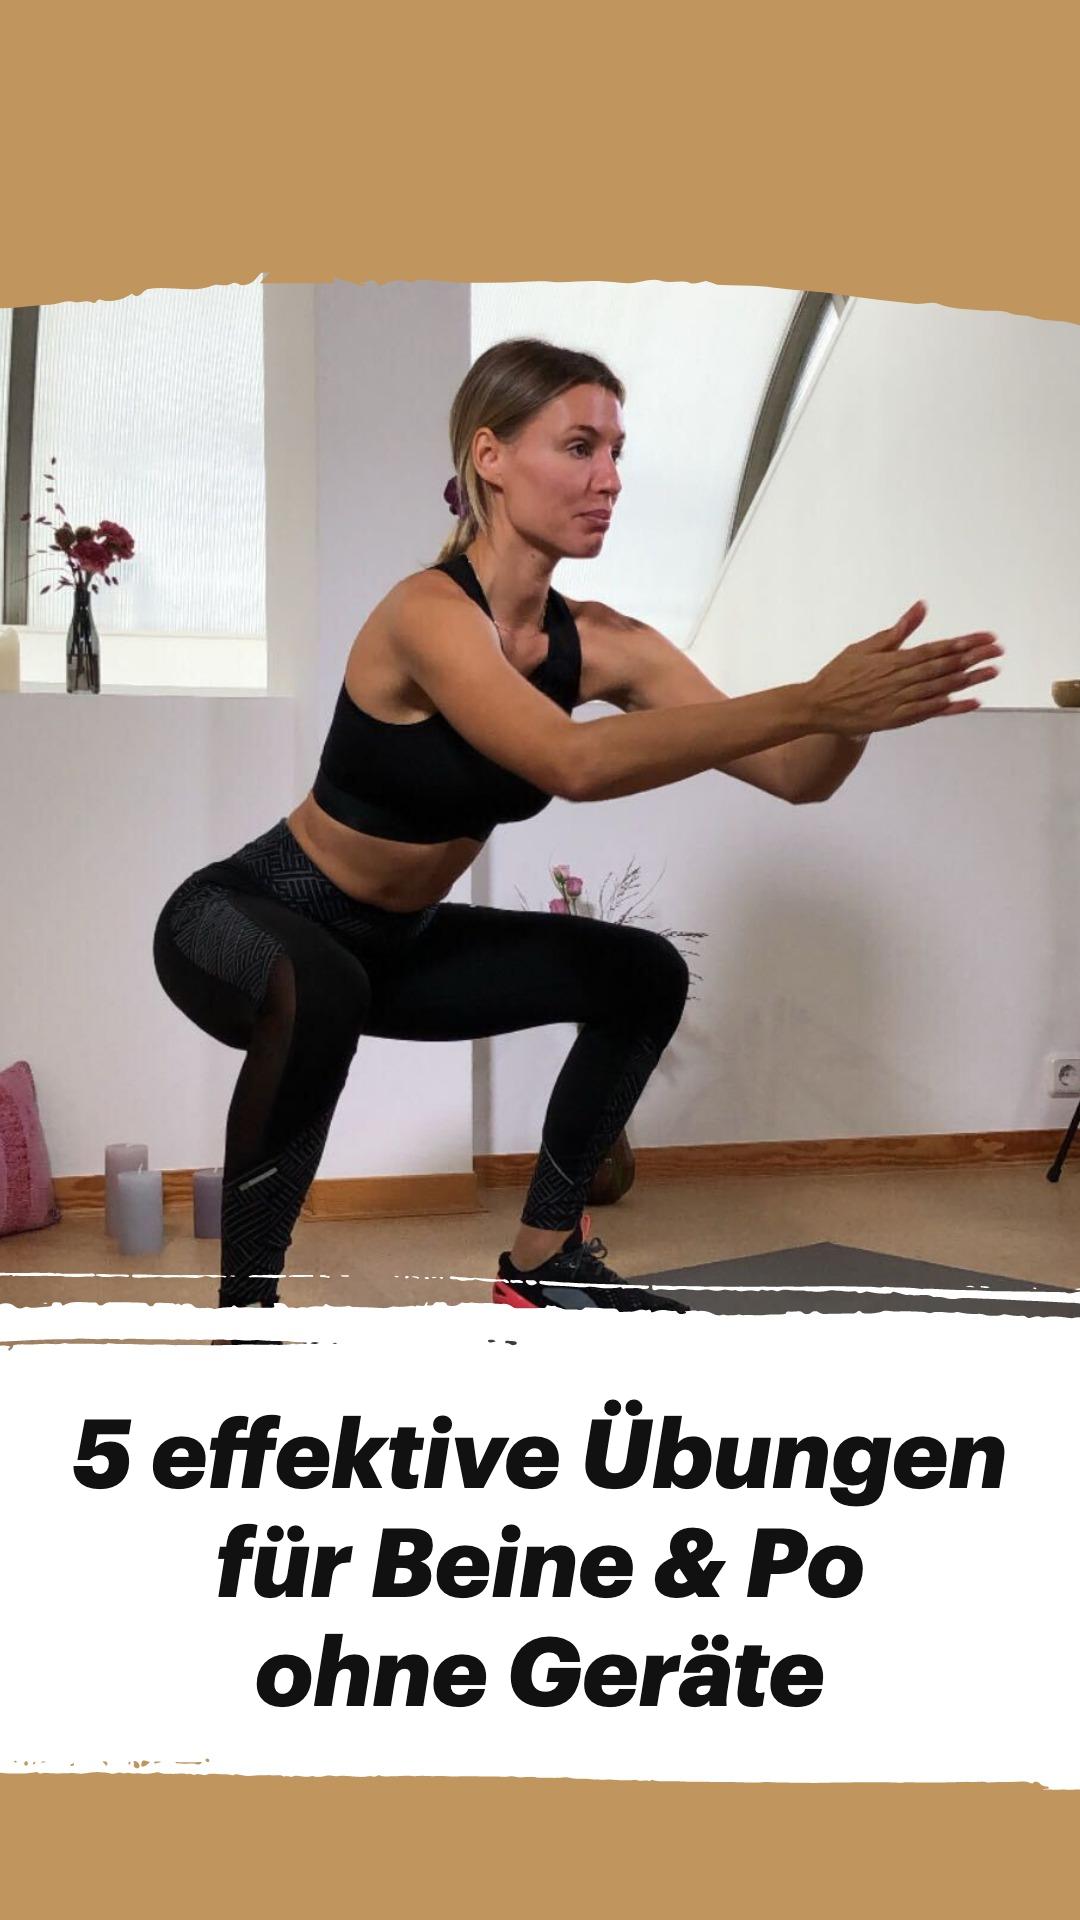 5 effektive Übungen für Beine & Po ohne Geräte